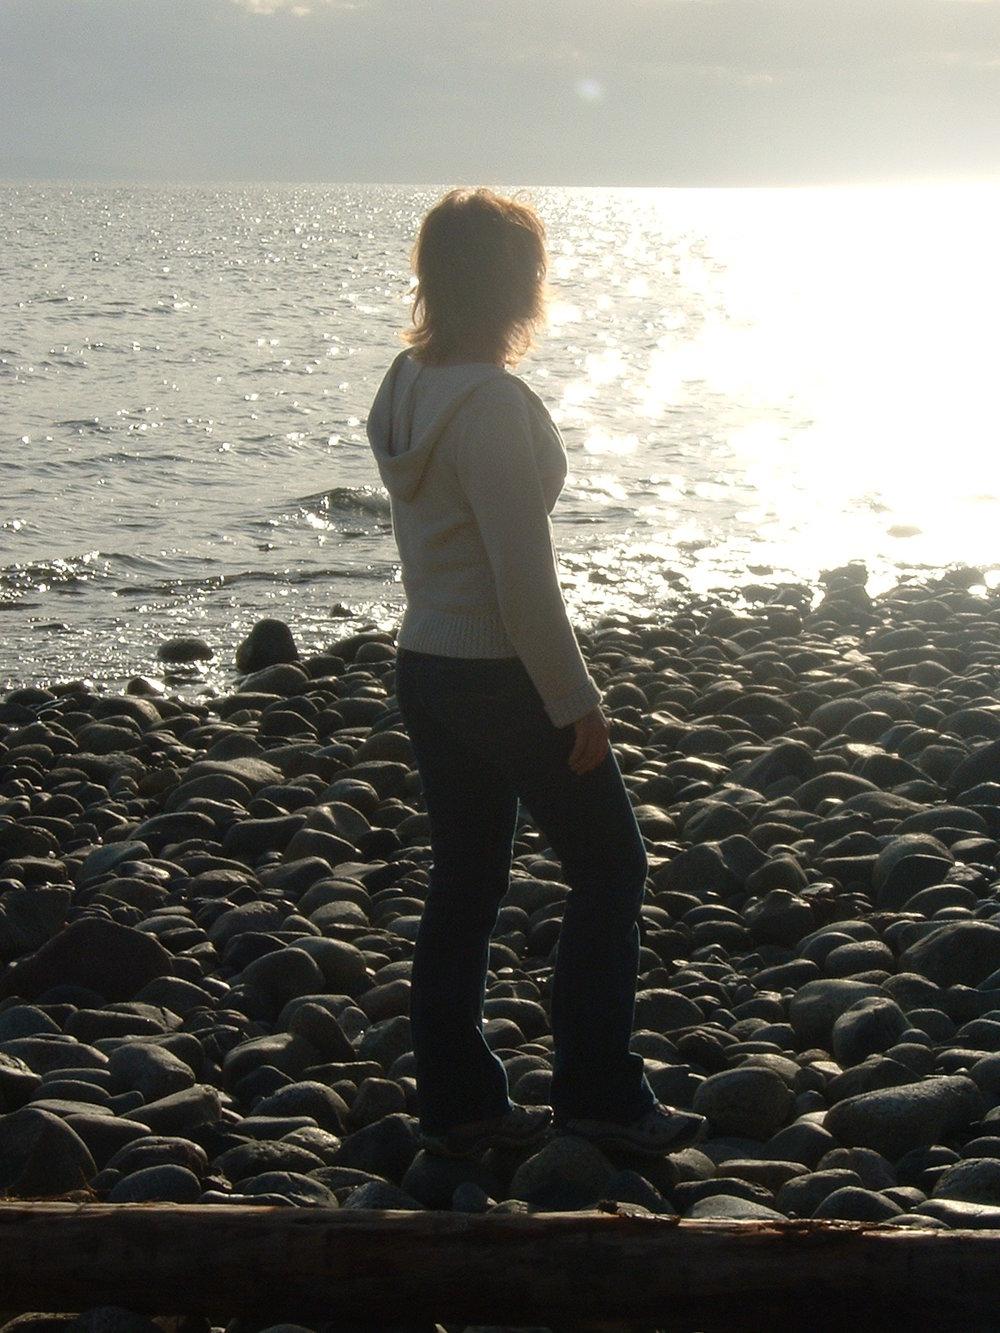 www.freeimages.com/ Bobbi Dombrowski